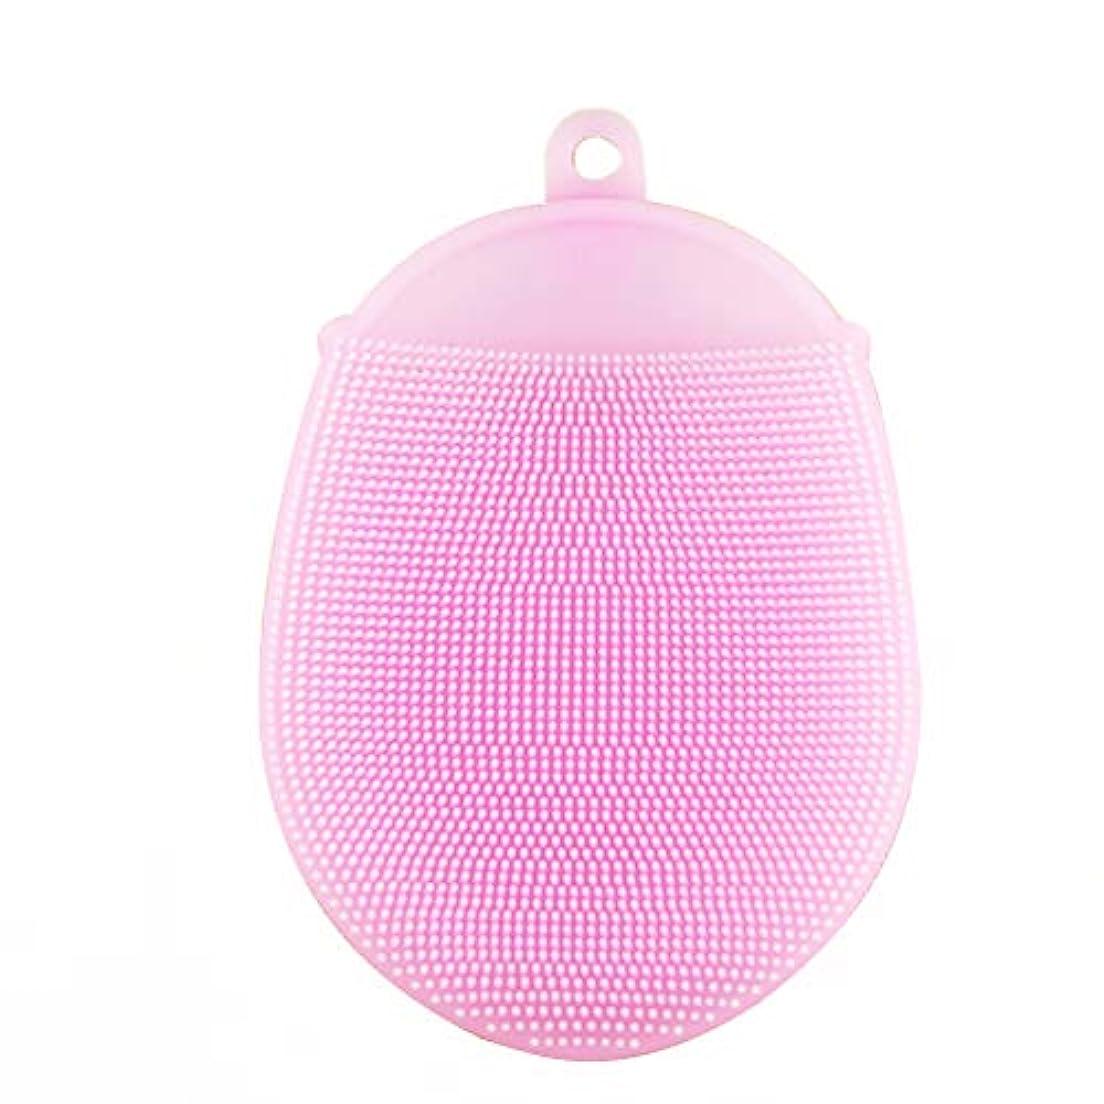 中傷キャンパストライアスロンHealifty シリコン 入浴ブラシ 抗菌 シャワースクラバー 洗顔パッド 2本入 (ピンク)